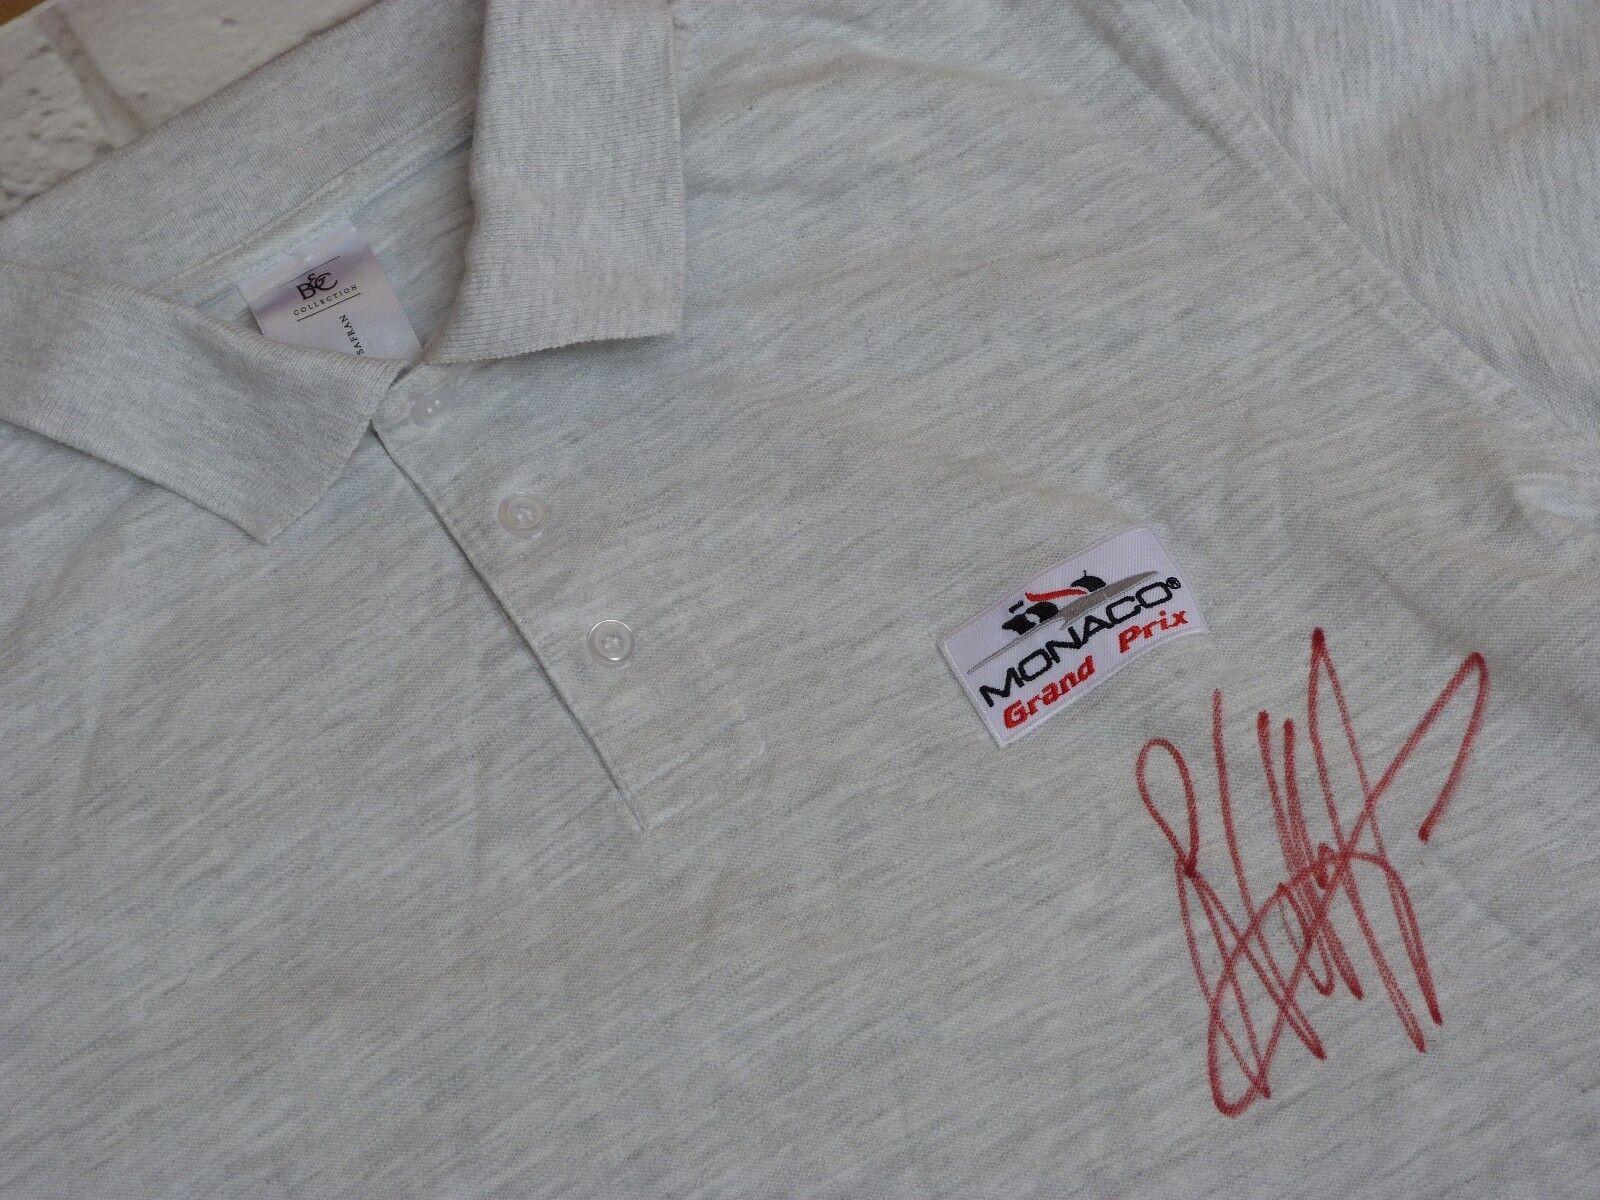 Polo T shirt MONACO GRe PRIX signed SEBASTIAN VETTEL gp mc F1 Formule 1